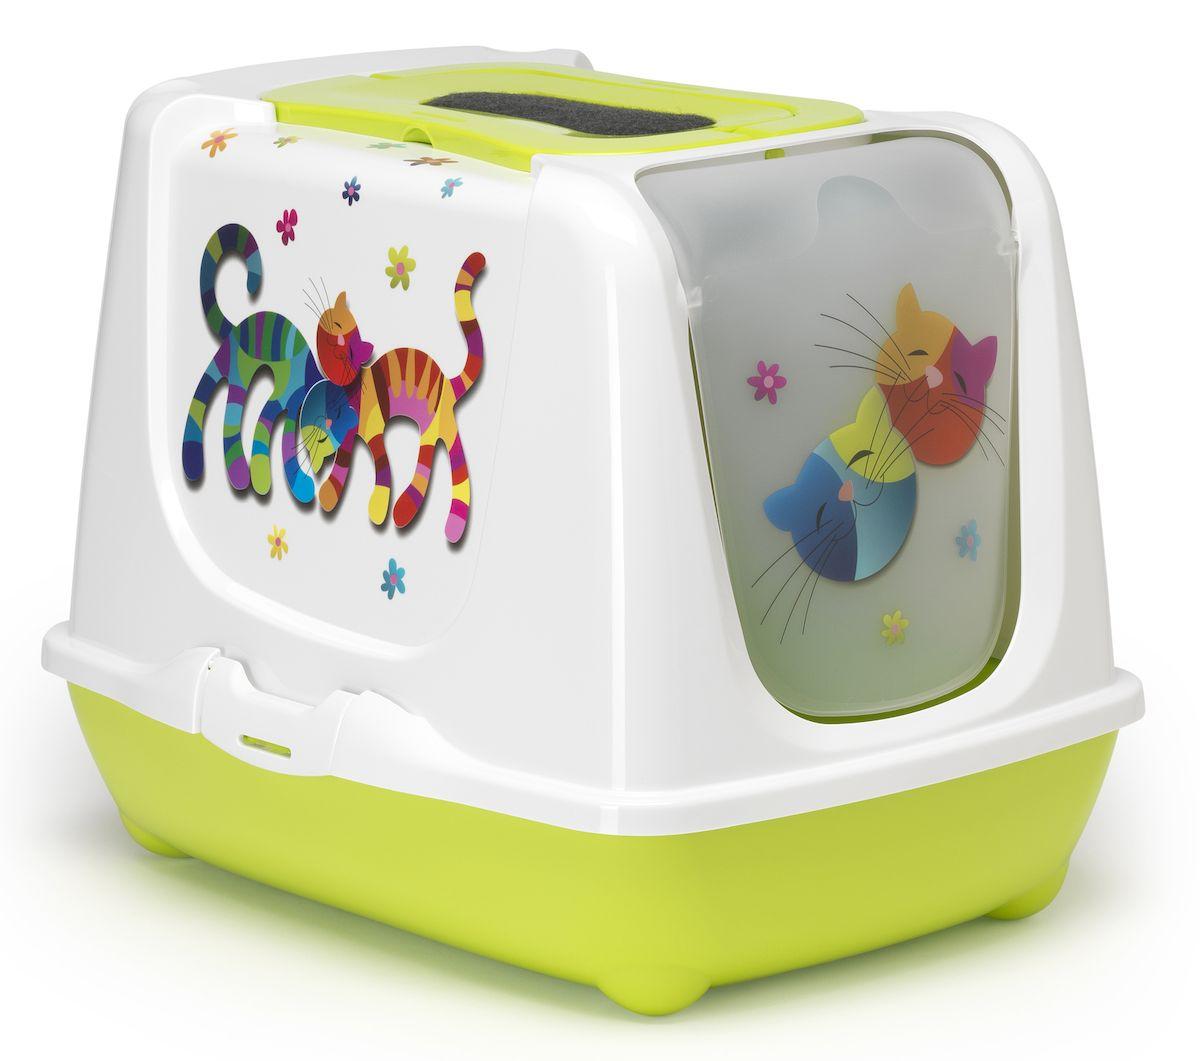 Туалет для кошек Moderna Trendy Cat. Друзья навсегда, закрытый, цвет: зеленый, 57 х 45 х 42,6 см14C245173Закрытый туалет для кошек Trendy Cat. Друзья навсегда выполнен из высококачественного пластика. Туалет оснащен прозрачной открывающейся дверцей, сменным фильтром и удобной ручкой для переноски. Такой туалет избавит ваш дом от неприятного запаха и разбросанных повсюду частичек наполнителя. Кошка в таком туалете будет чувствовать себя увереннее, ведь в этом укромном уголке ее никто не увидит. Кроме того, яркий дизайн с легкостью впишется в интерьер вашего дома. Туалет легко открывается для чистки благодаря практичным защелкам по бокам.